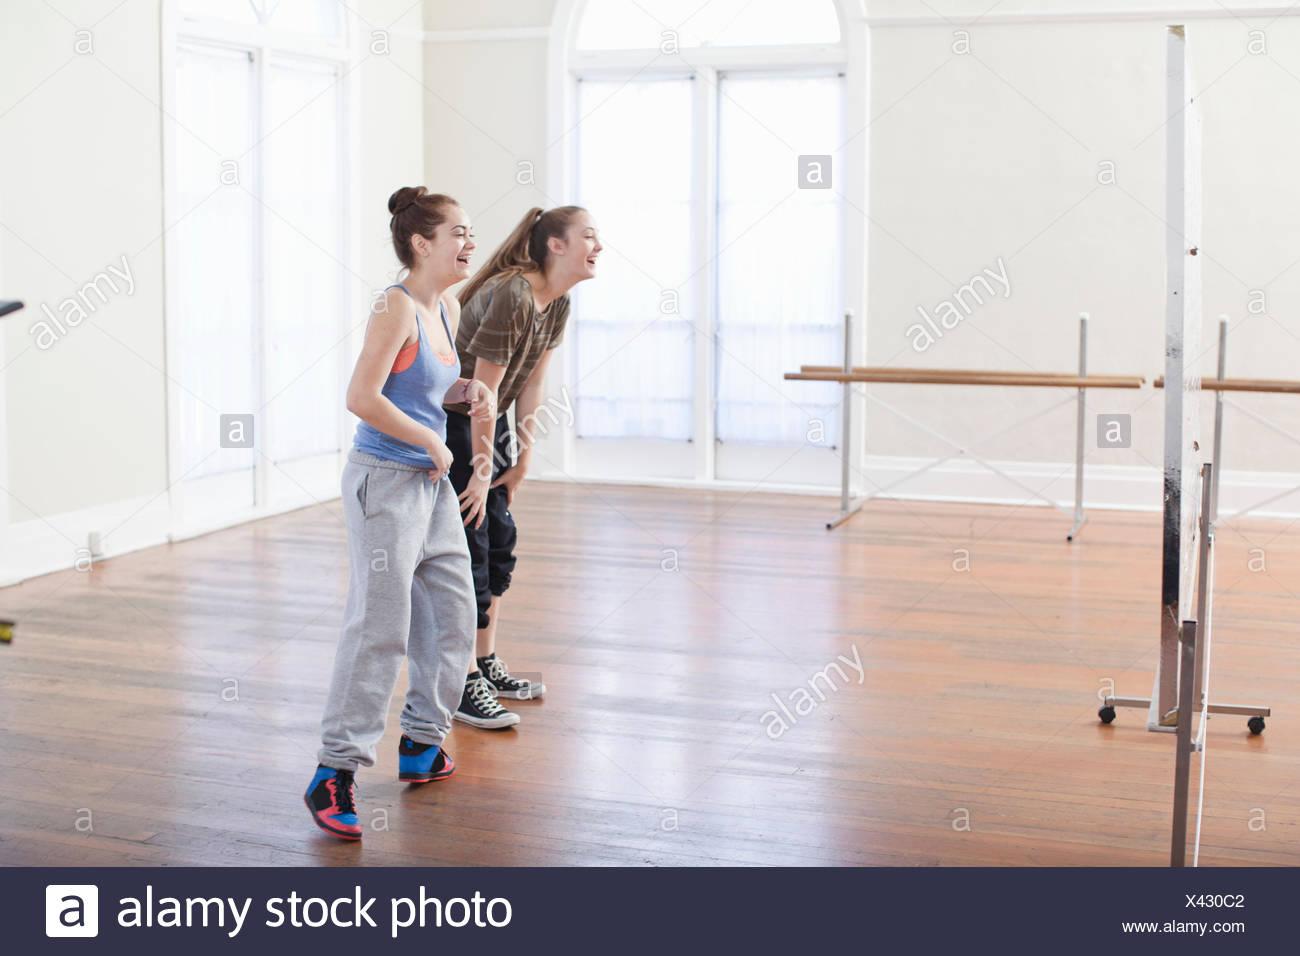 Dos chicas adolescentes haciendo calentar la danza en la escuela de ballet Imagen De Stock